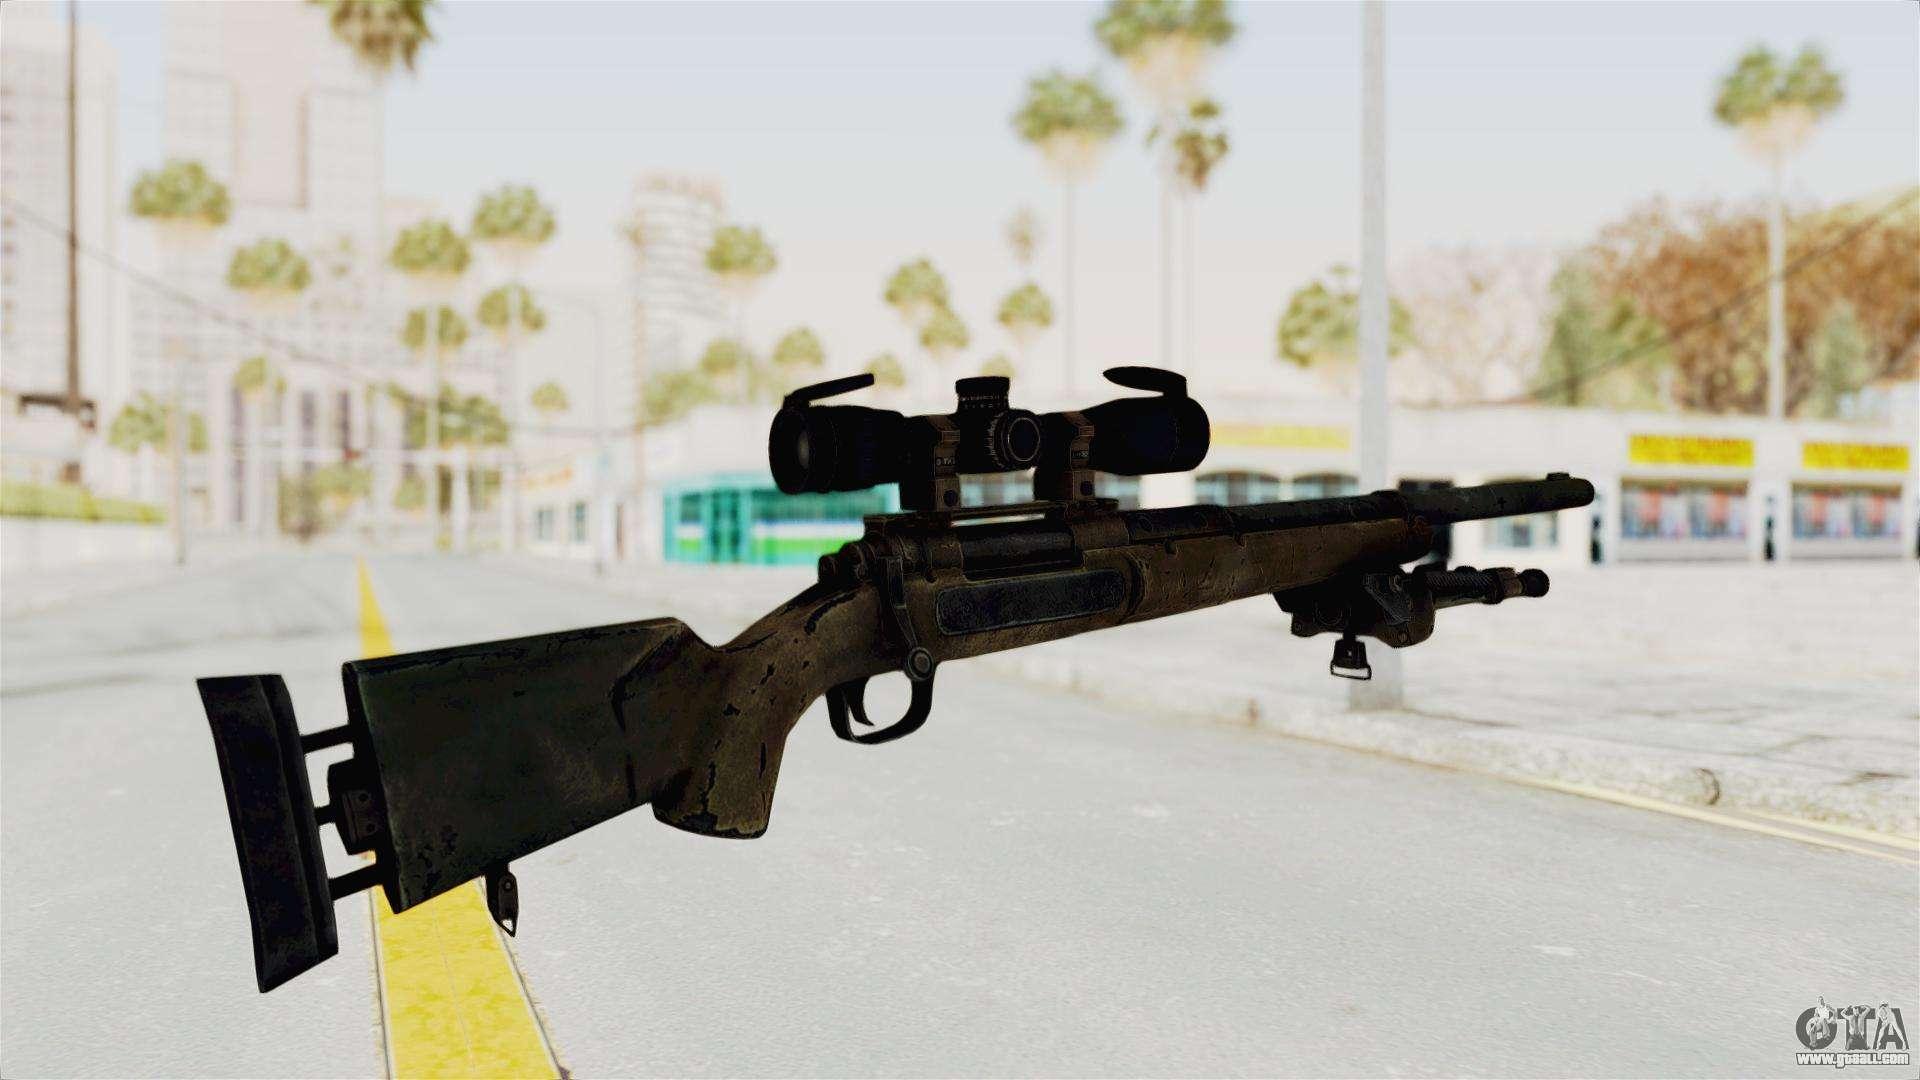 Sniper Skin Mod 341335-gta-sa-2016-06-20-20-05-58-04